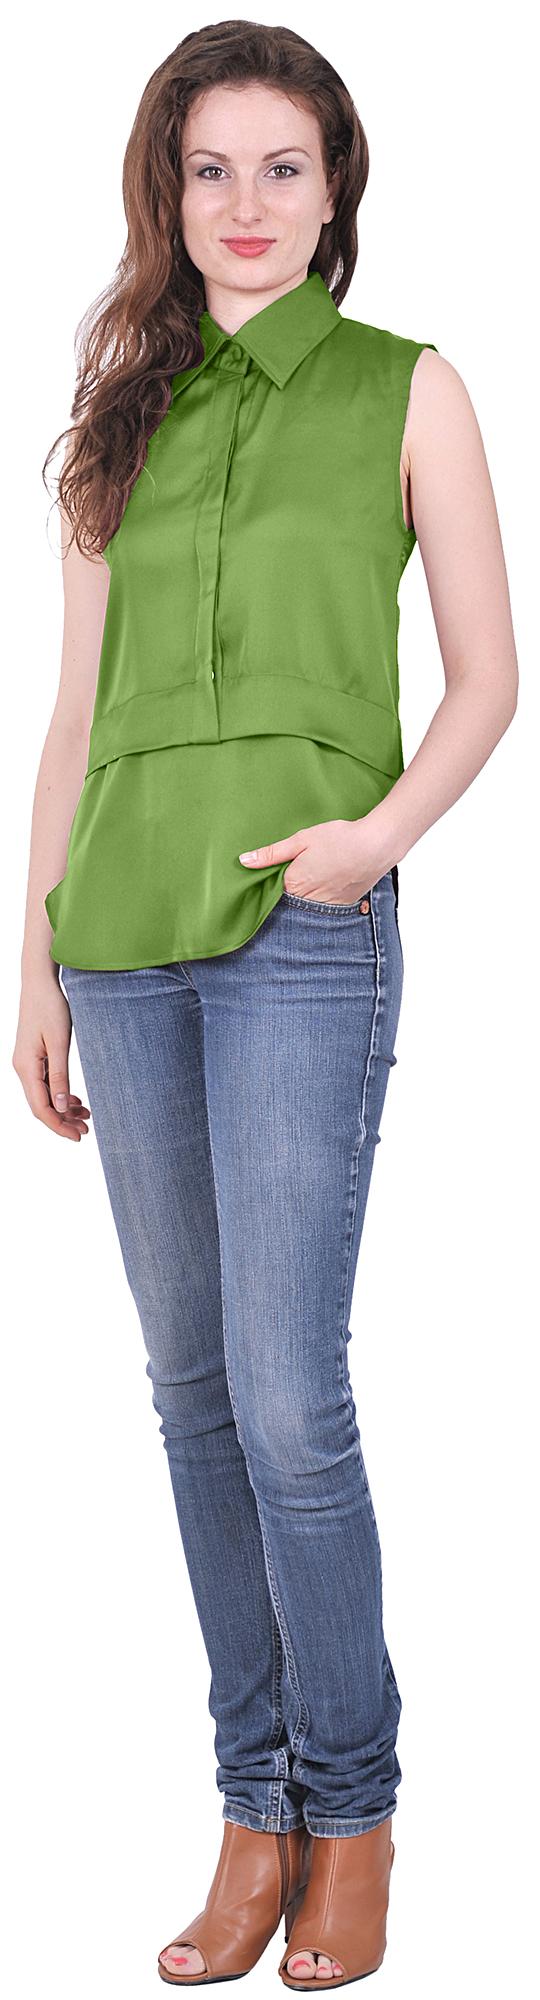 Sleeveless Denim Shirt Womens